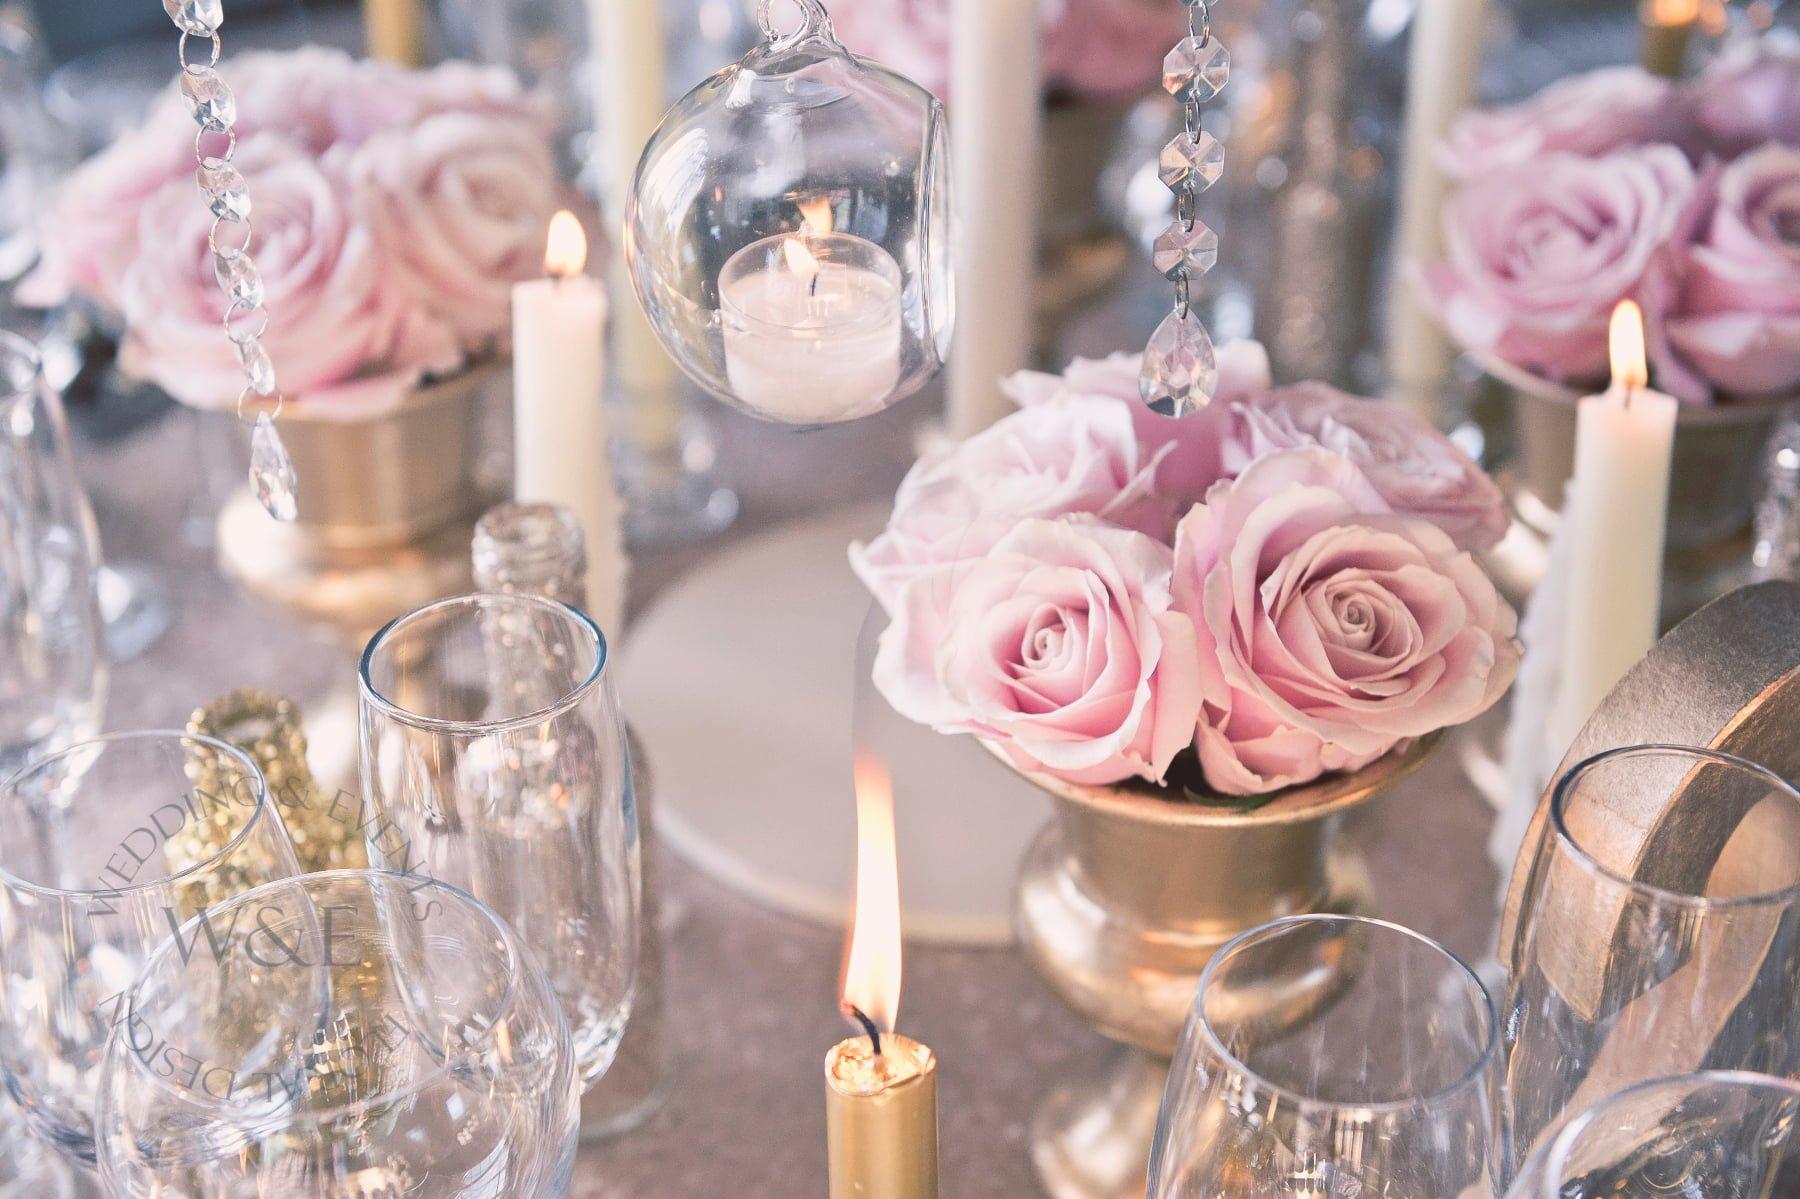 Low Wedding Centerpieces - Meijer Roses